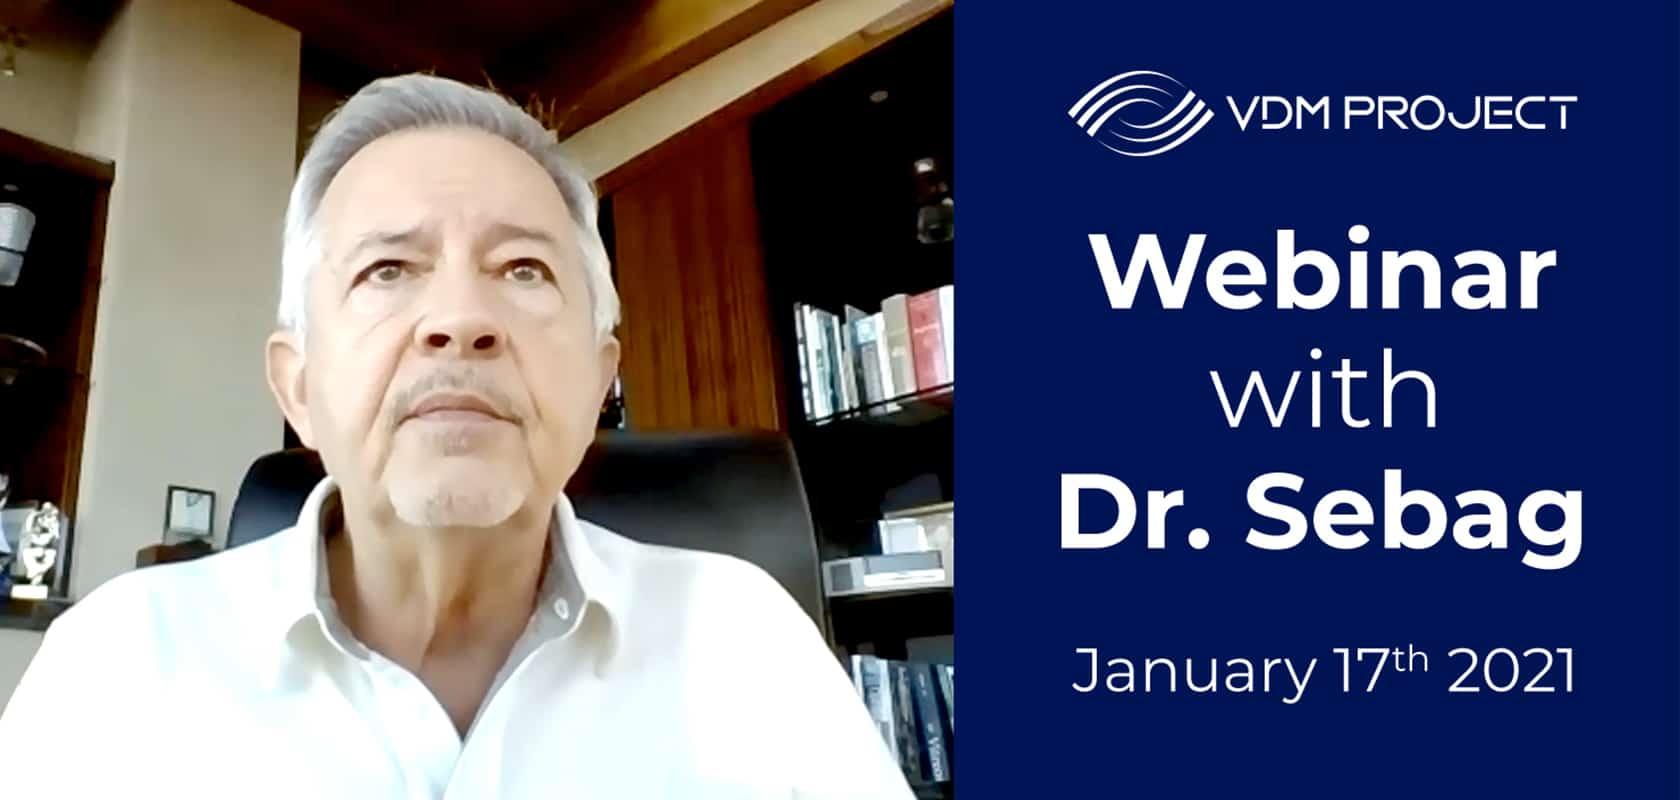 Dr. Sebag Live Webinar & Q&A (Jan 2021)